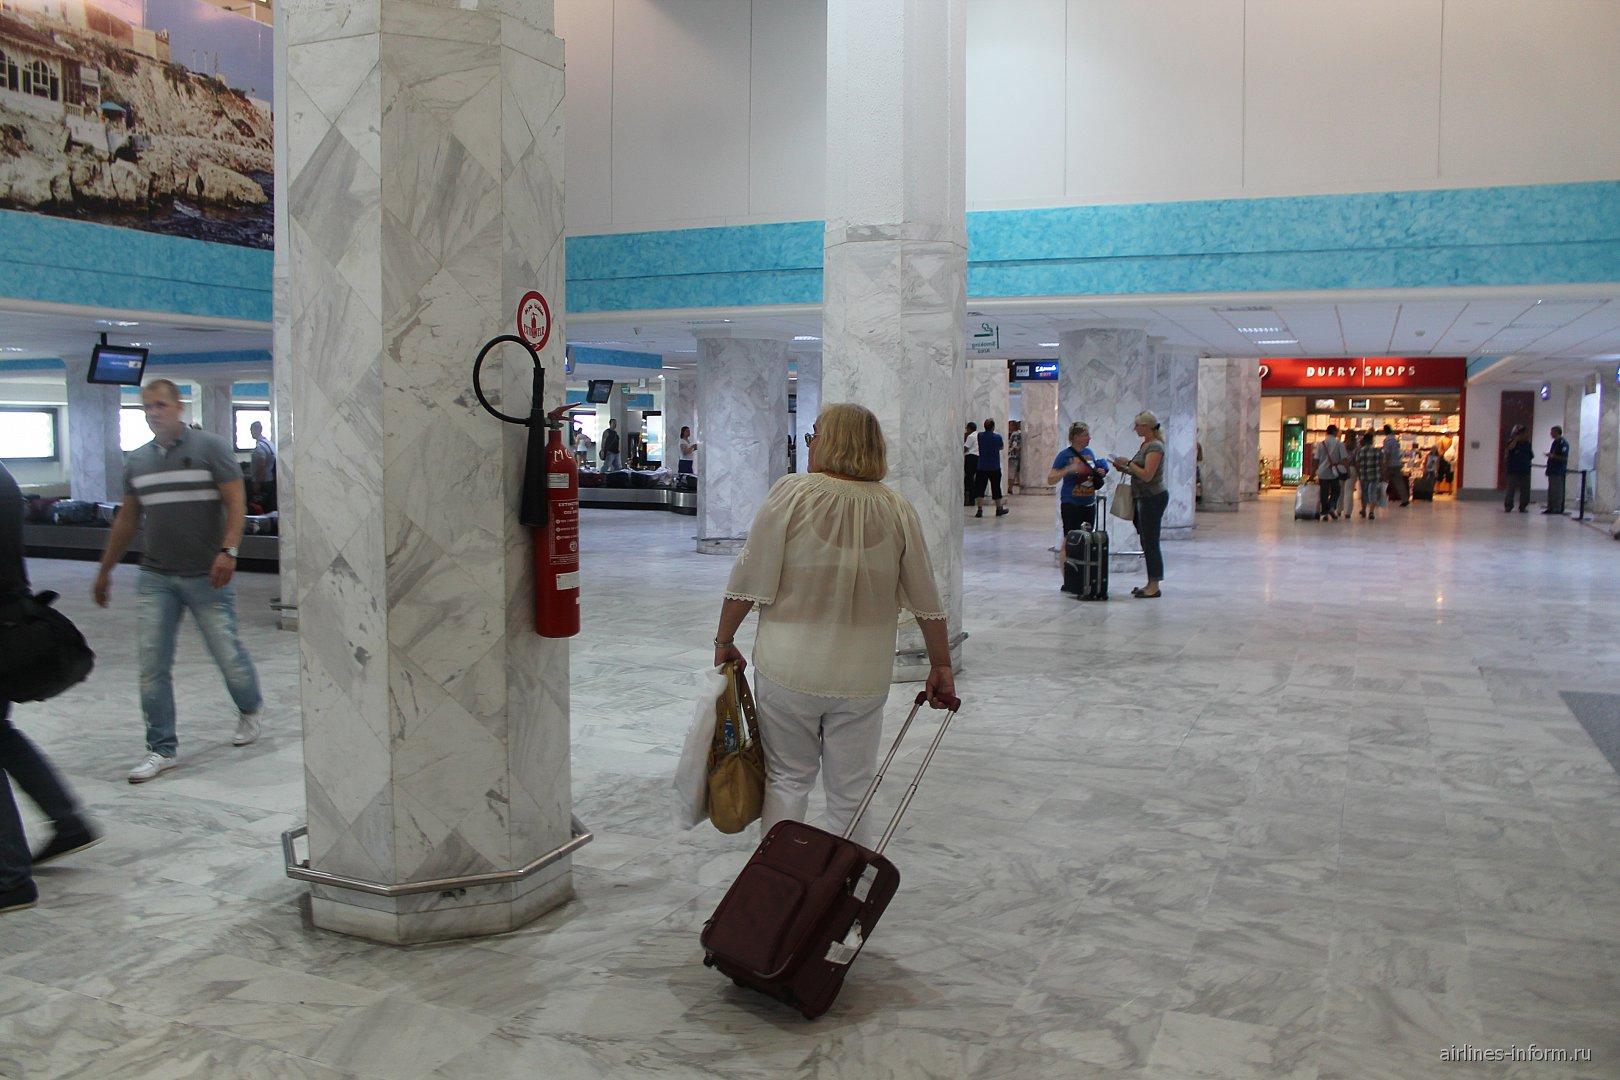 Зал выдачи багажа в аэропорту Монастира